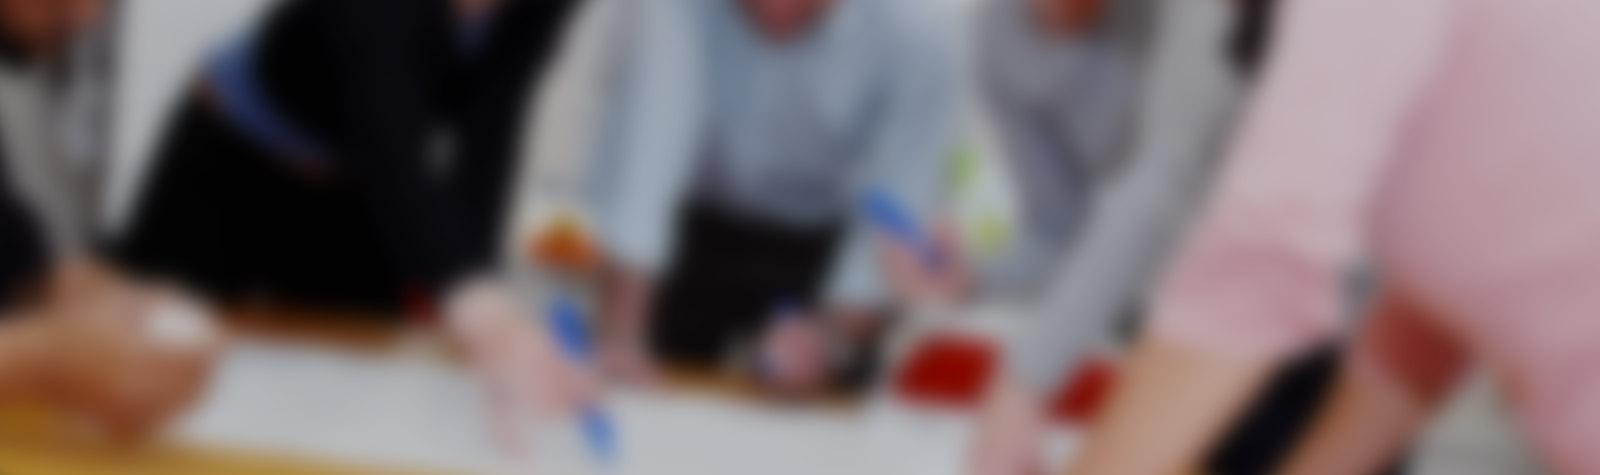 Les BDE inventifs pour concilier vie étudiante et COVID